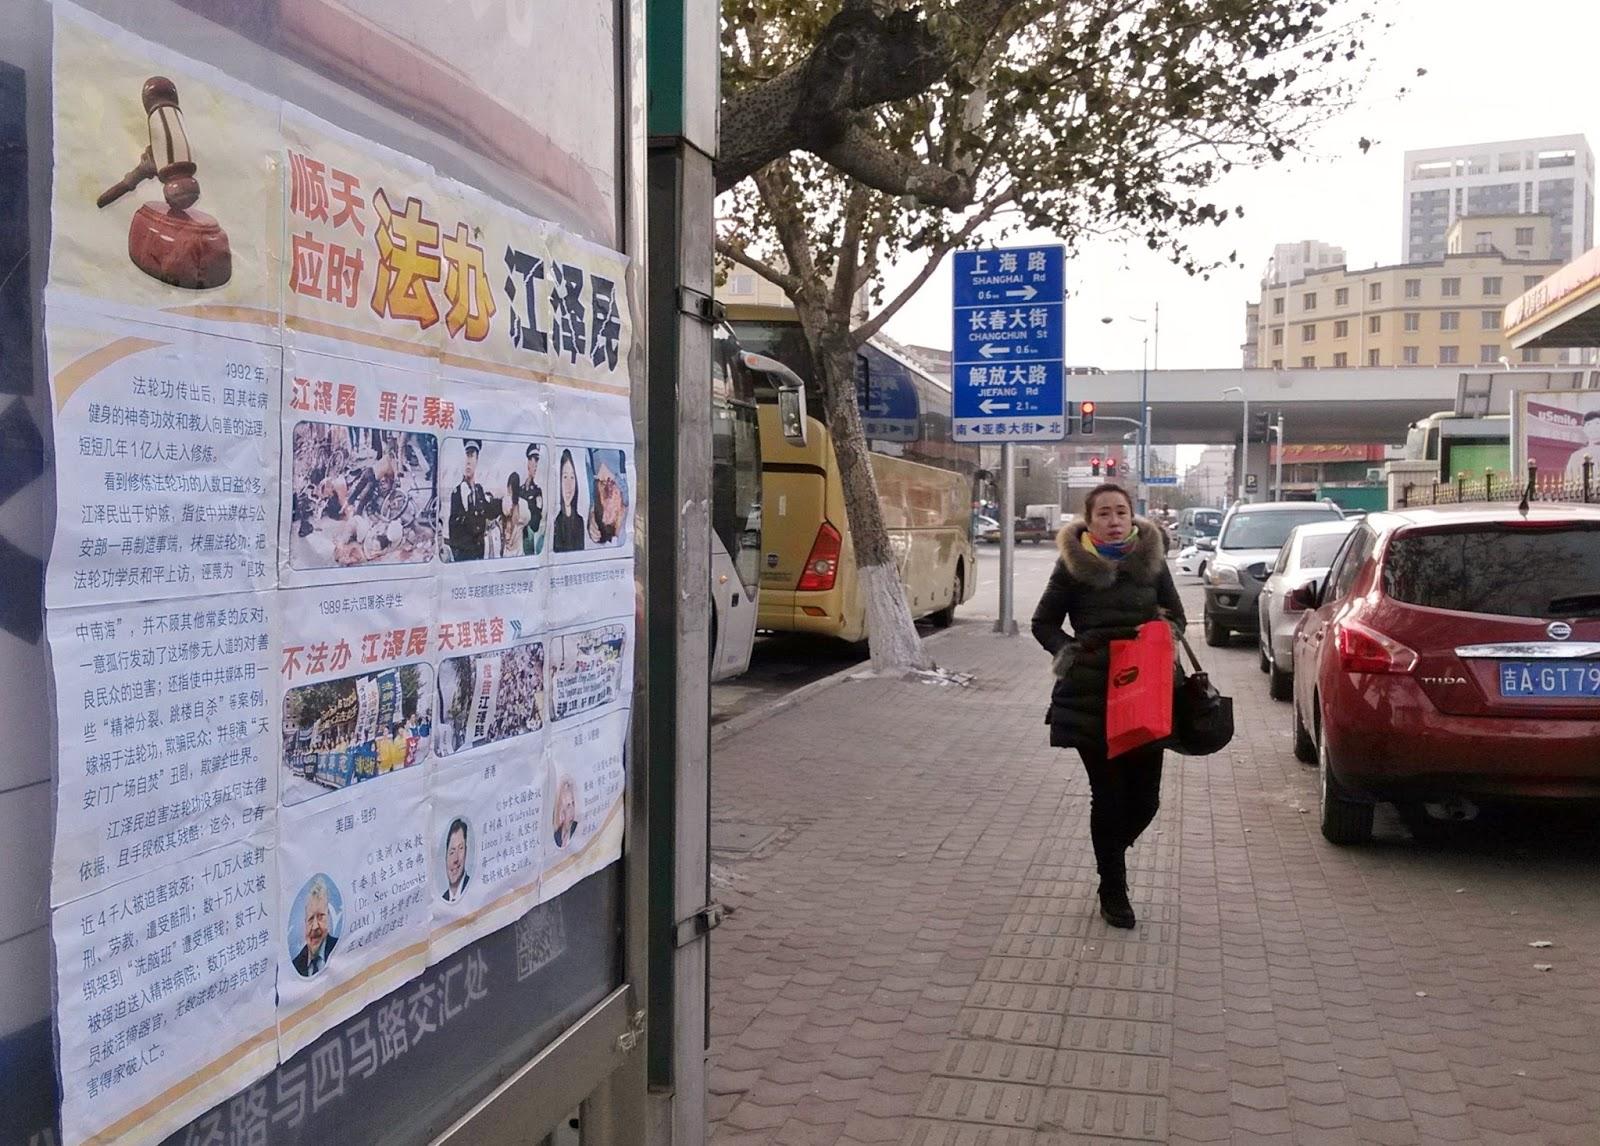 2015-11-28-minghui-changchun-sujiang-posters-18.jpg